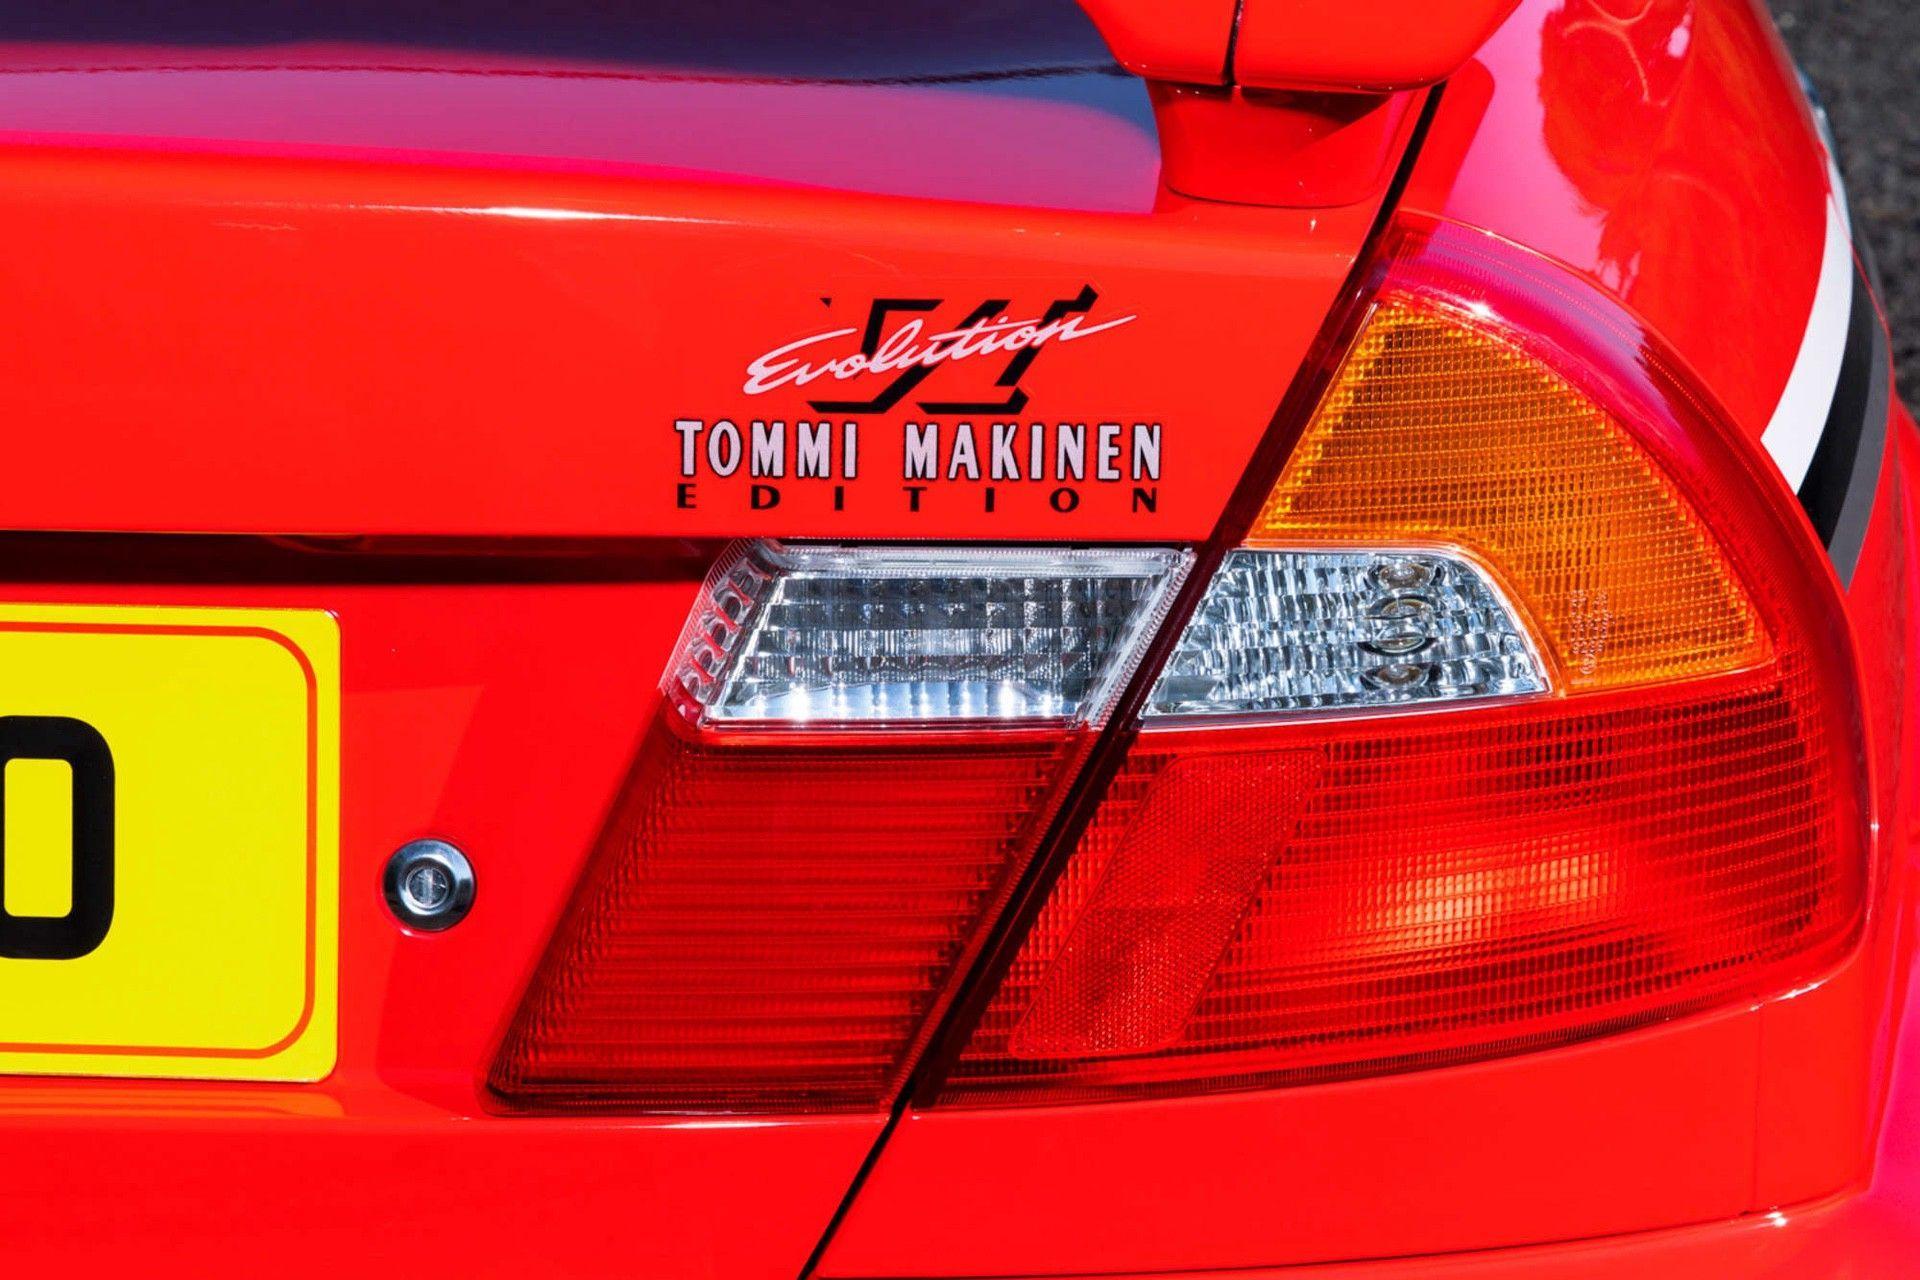 2000_Mitsubishi_Lancer_Evolution_VI_Tommi_Makinen_Edition_sale-0016